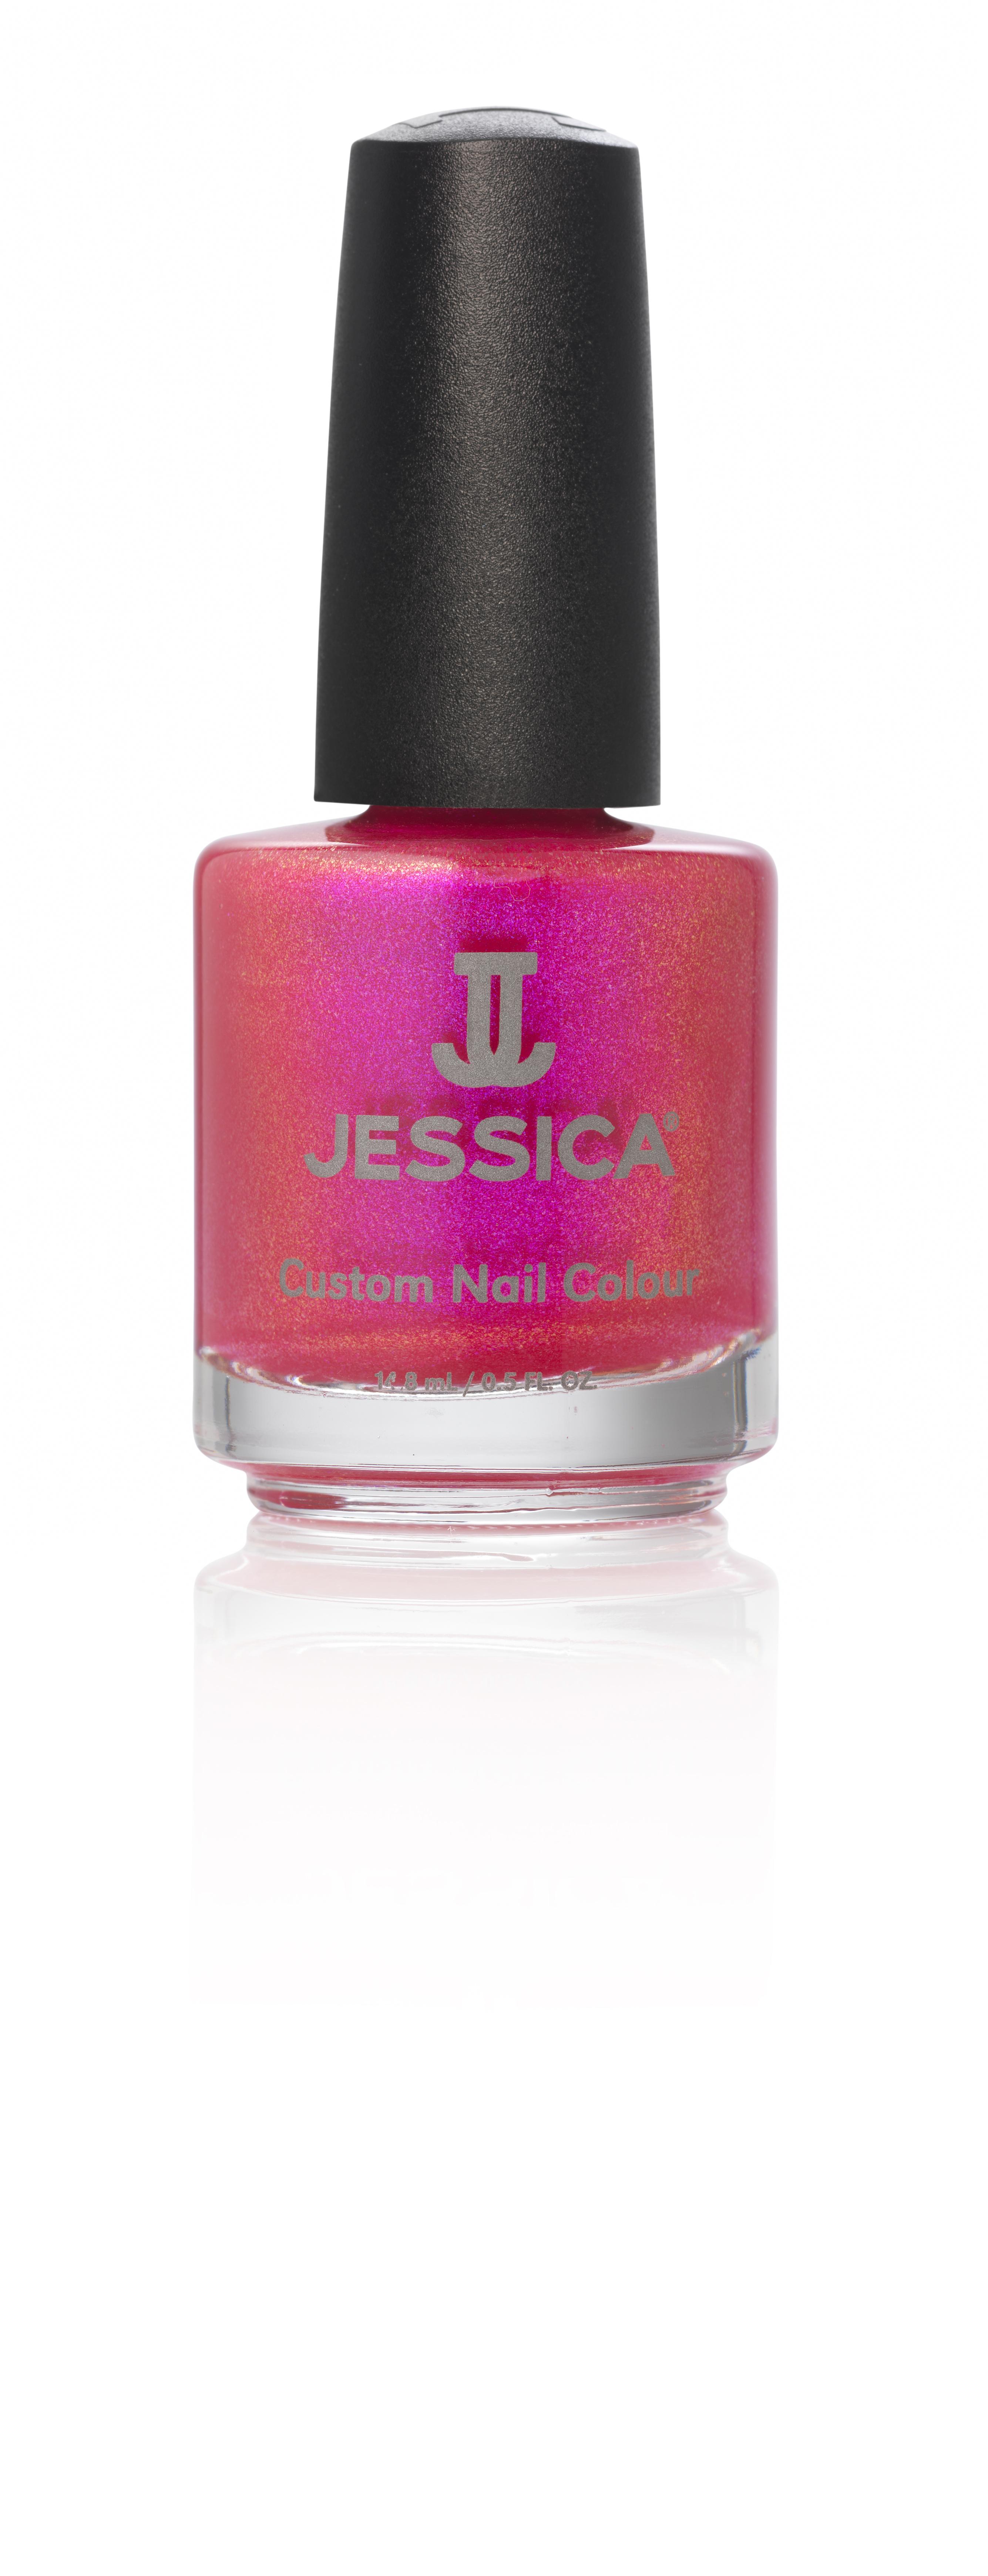 Jessica Лак для ногтей 946 Silk Sari 14,8 мл28420_красныйЛаки JESSICA содержат витамины A, Д и Е, обеспечивают дополнительную защиту ногтей и усиливают терапевтическое воздействие базовых средств и средств-корректоров.